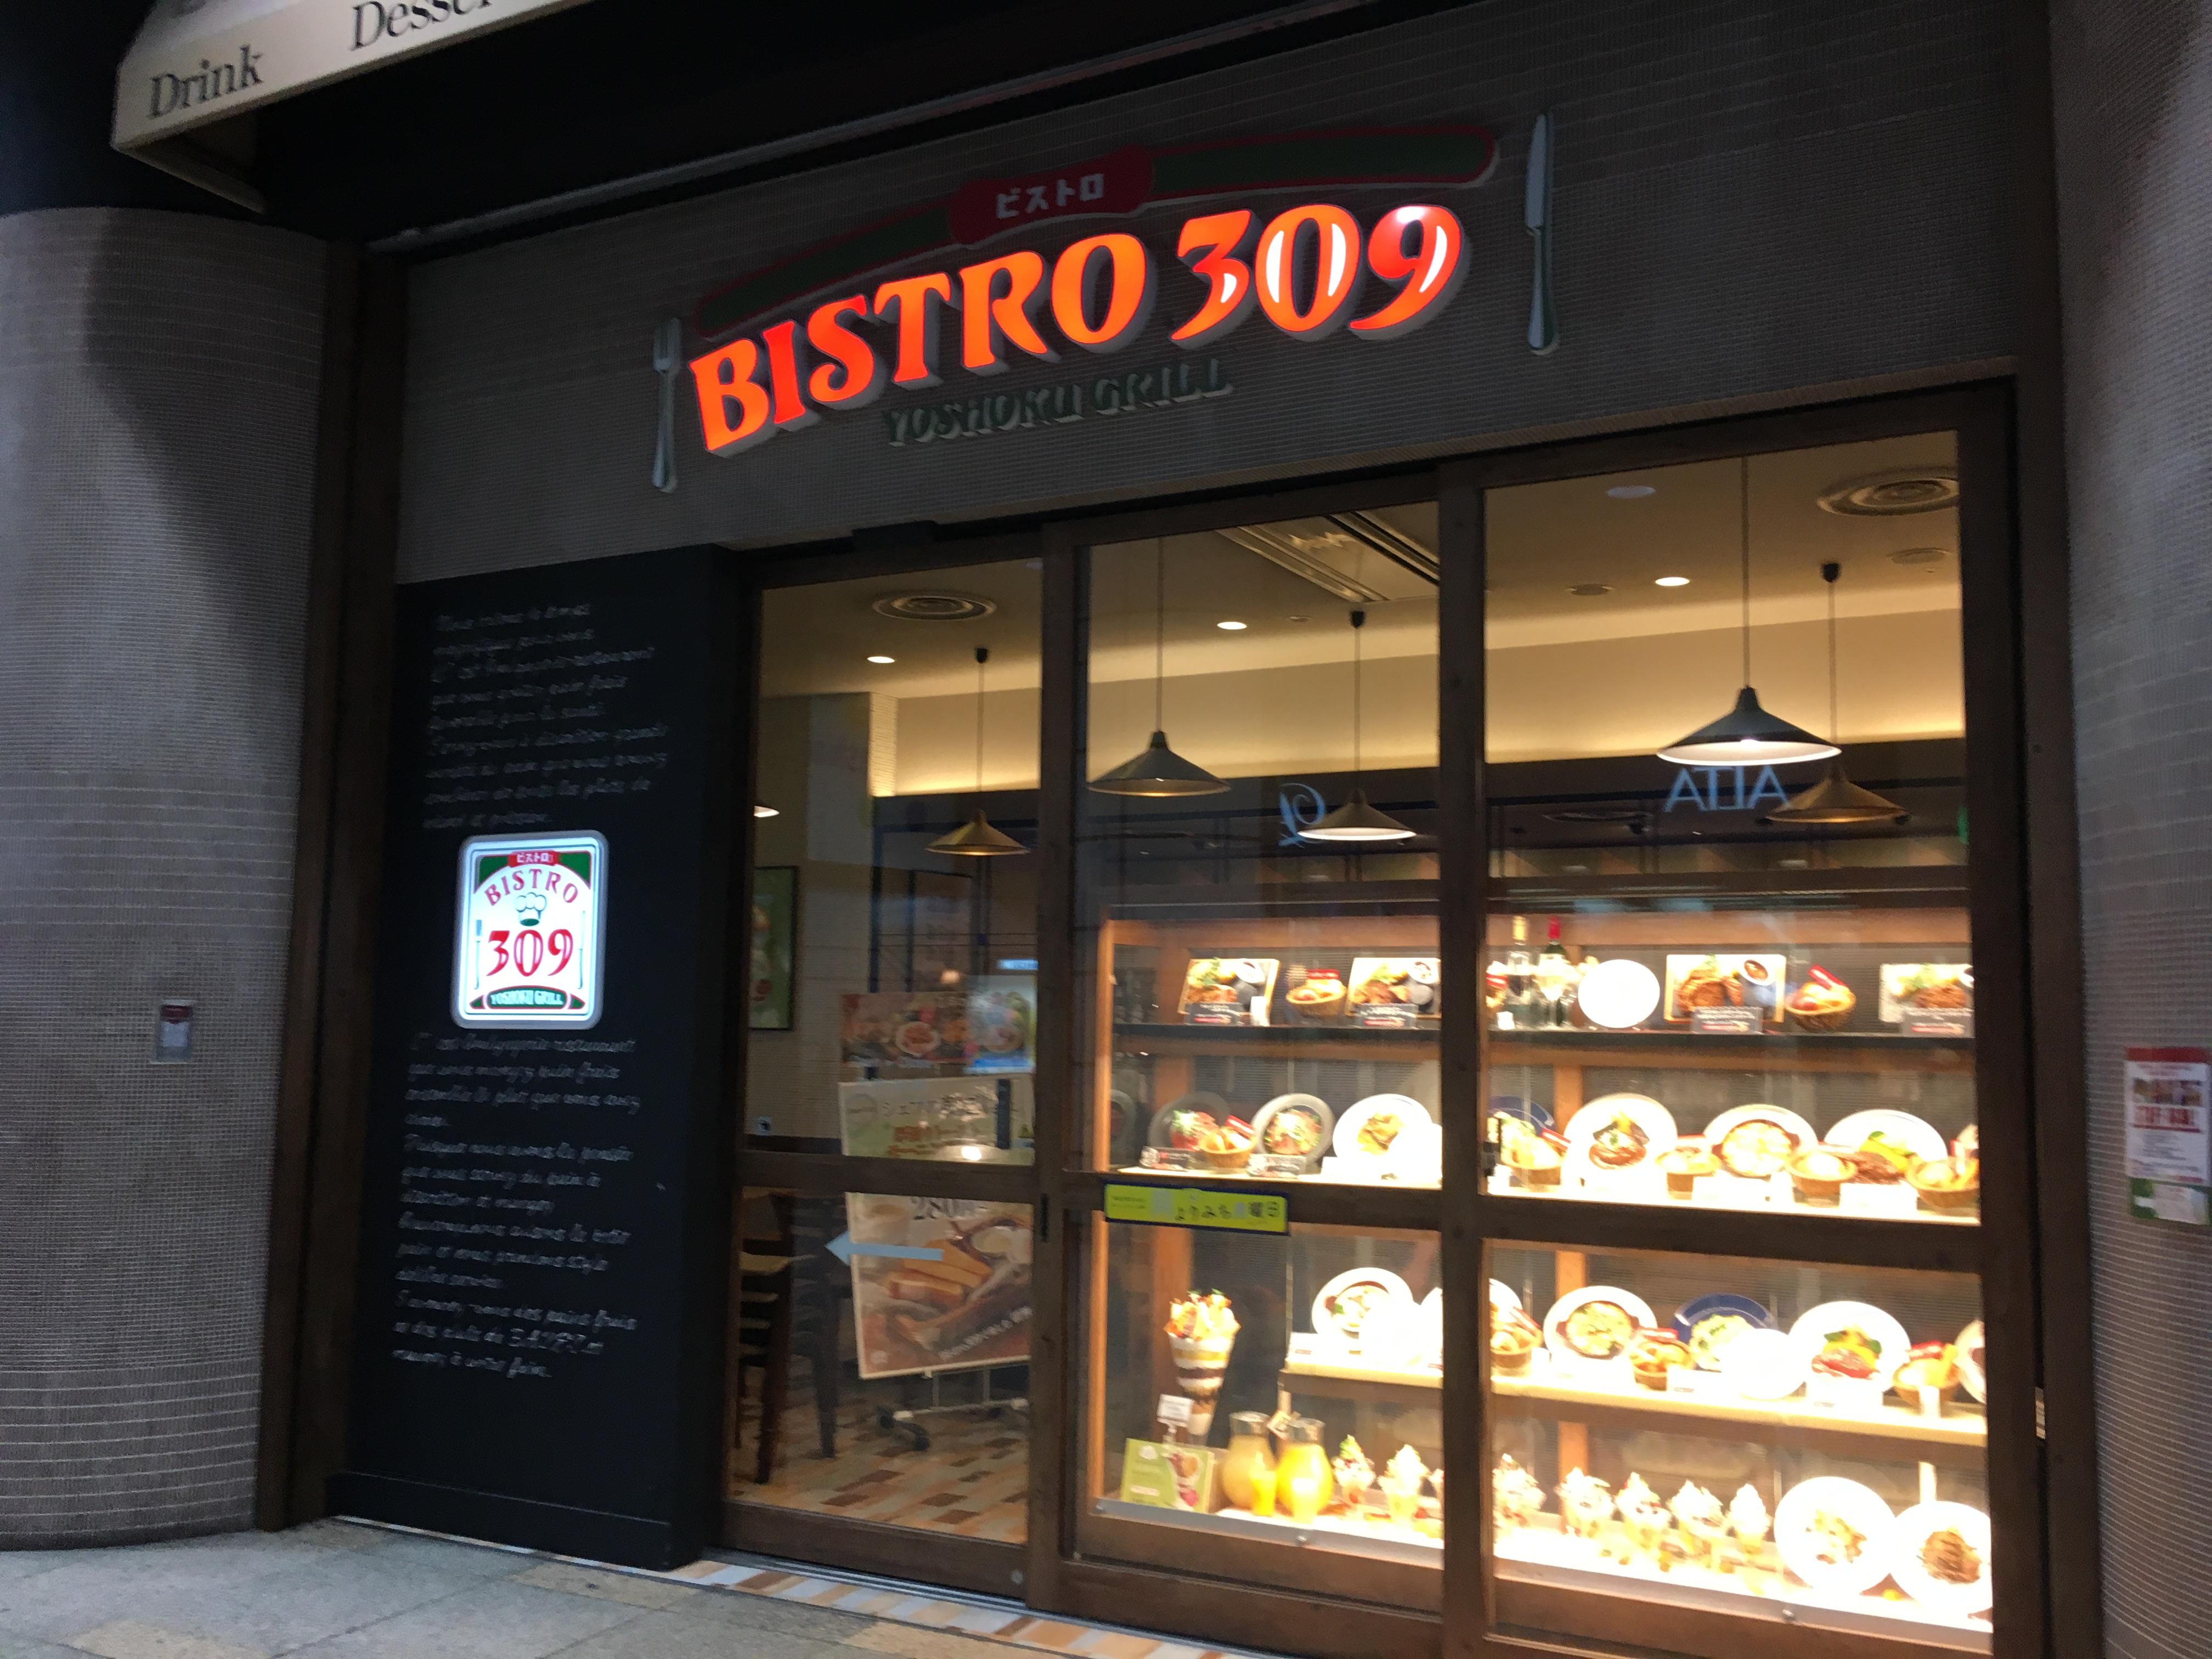 サンシャインシティでひと息入れるいい感じカフェ「BISTRO309 サンシャインシティアルパ店」